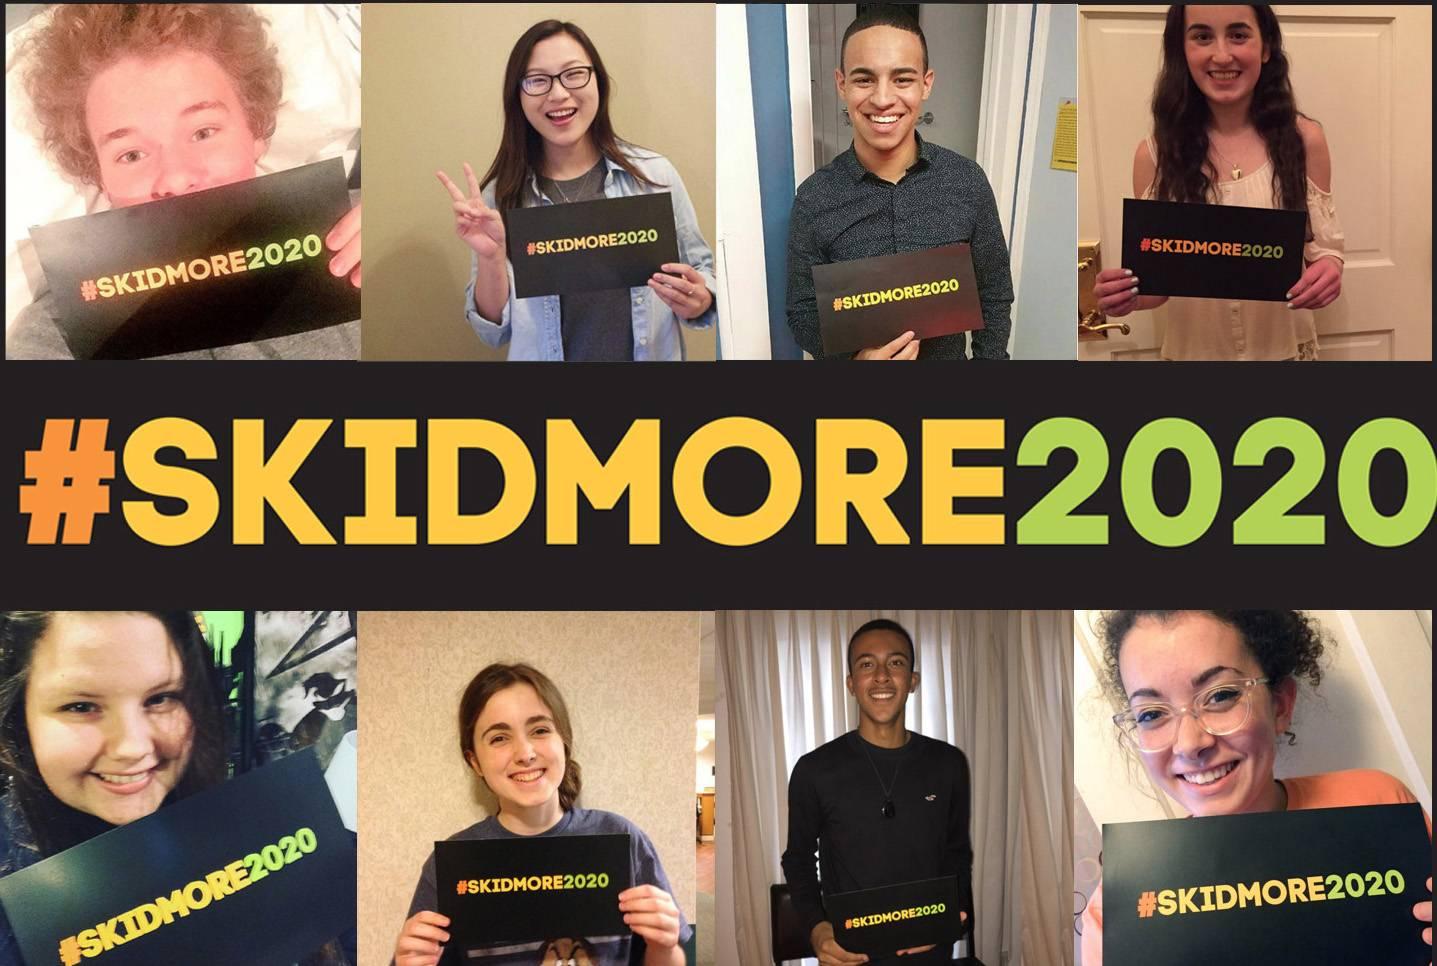 Skidmore 2020